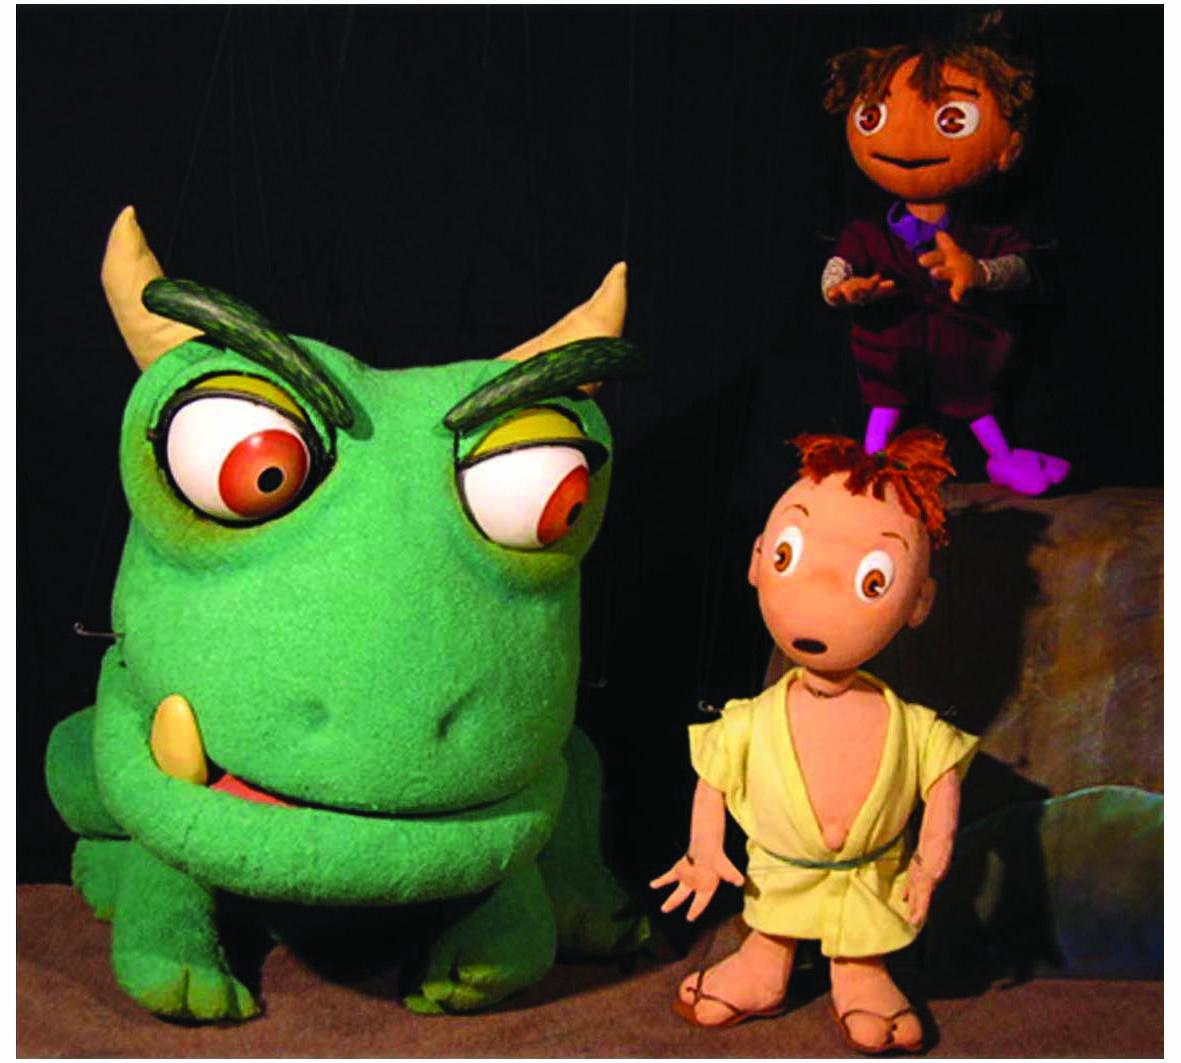 人形劇 「チャハハ丸とへへへ丸」